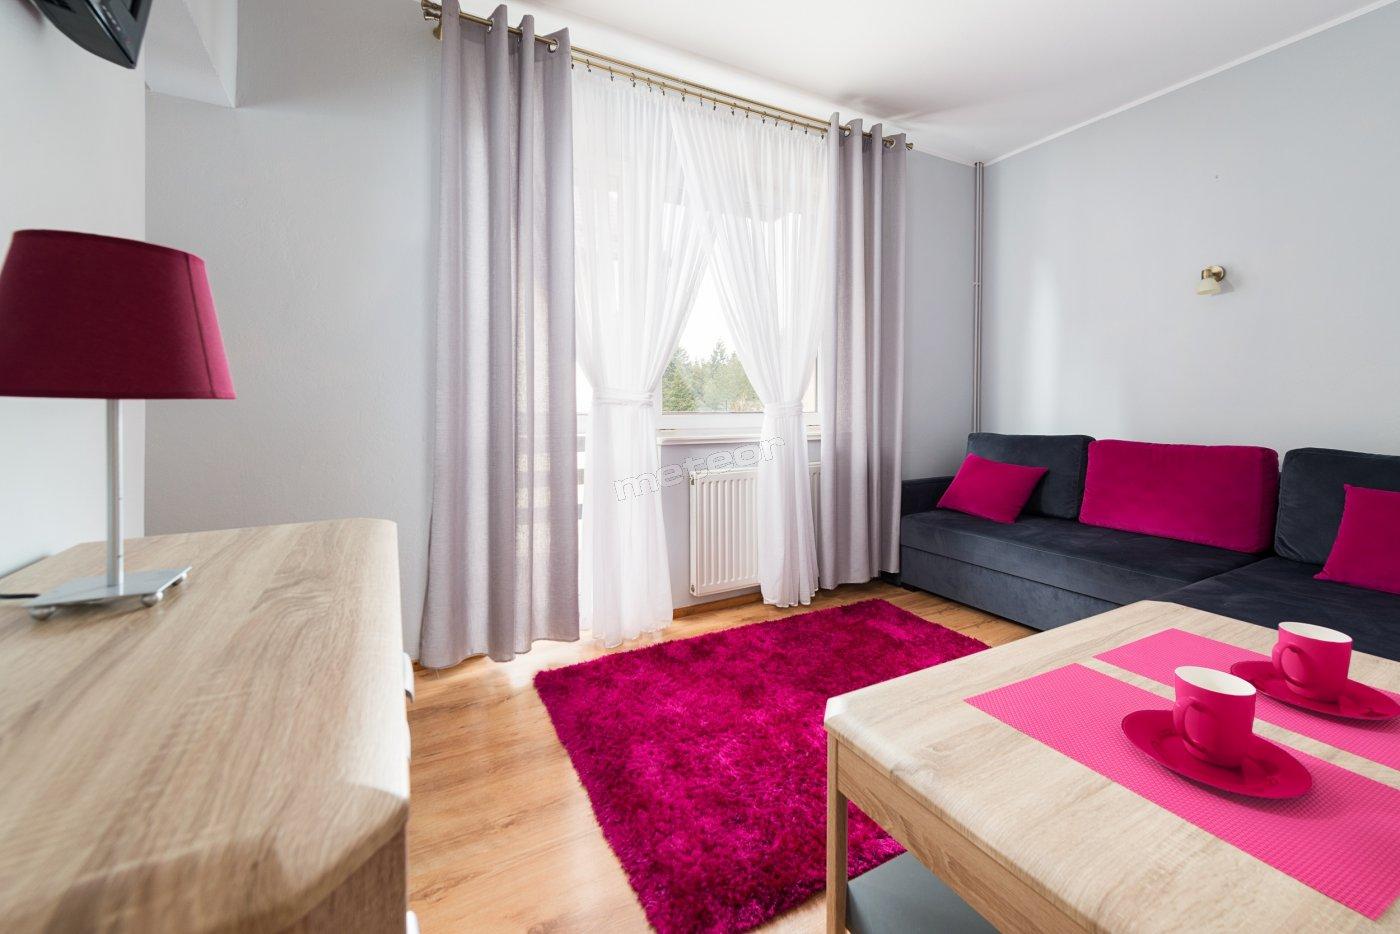 Apartament pokój wypoczynkowy z balkonem